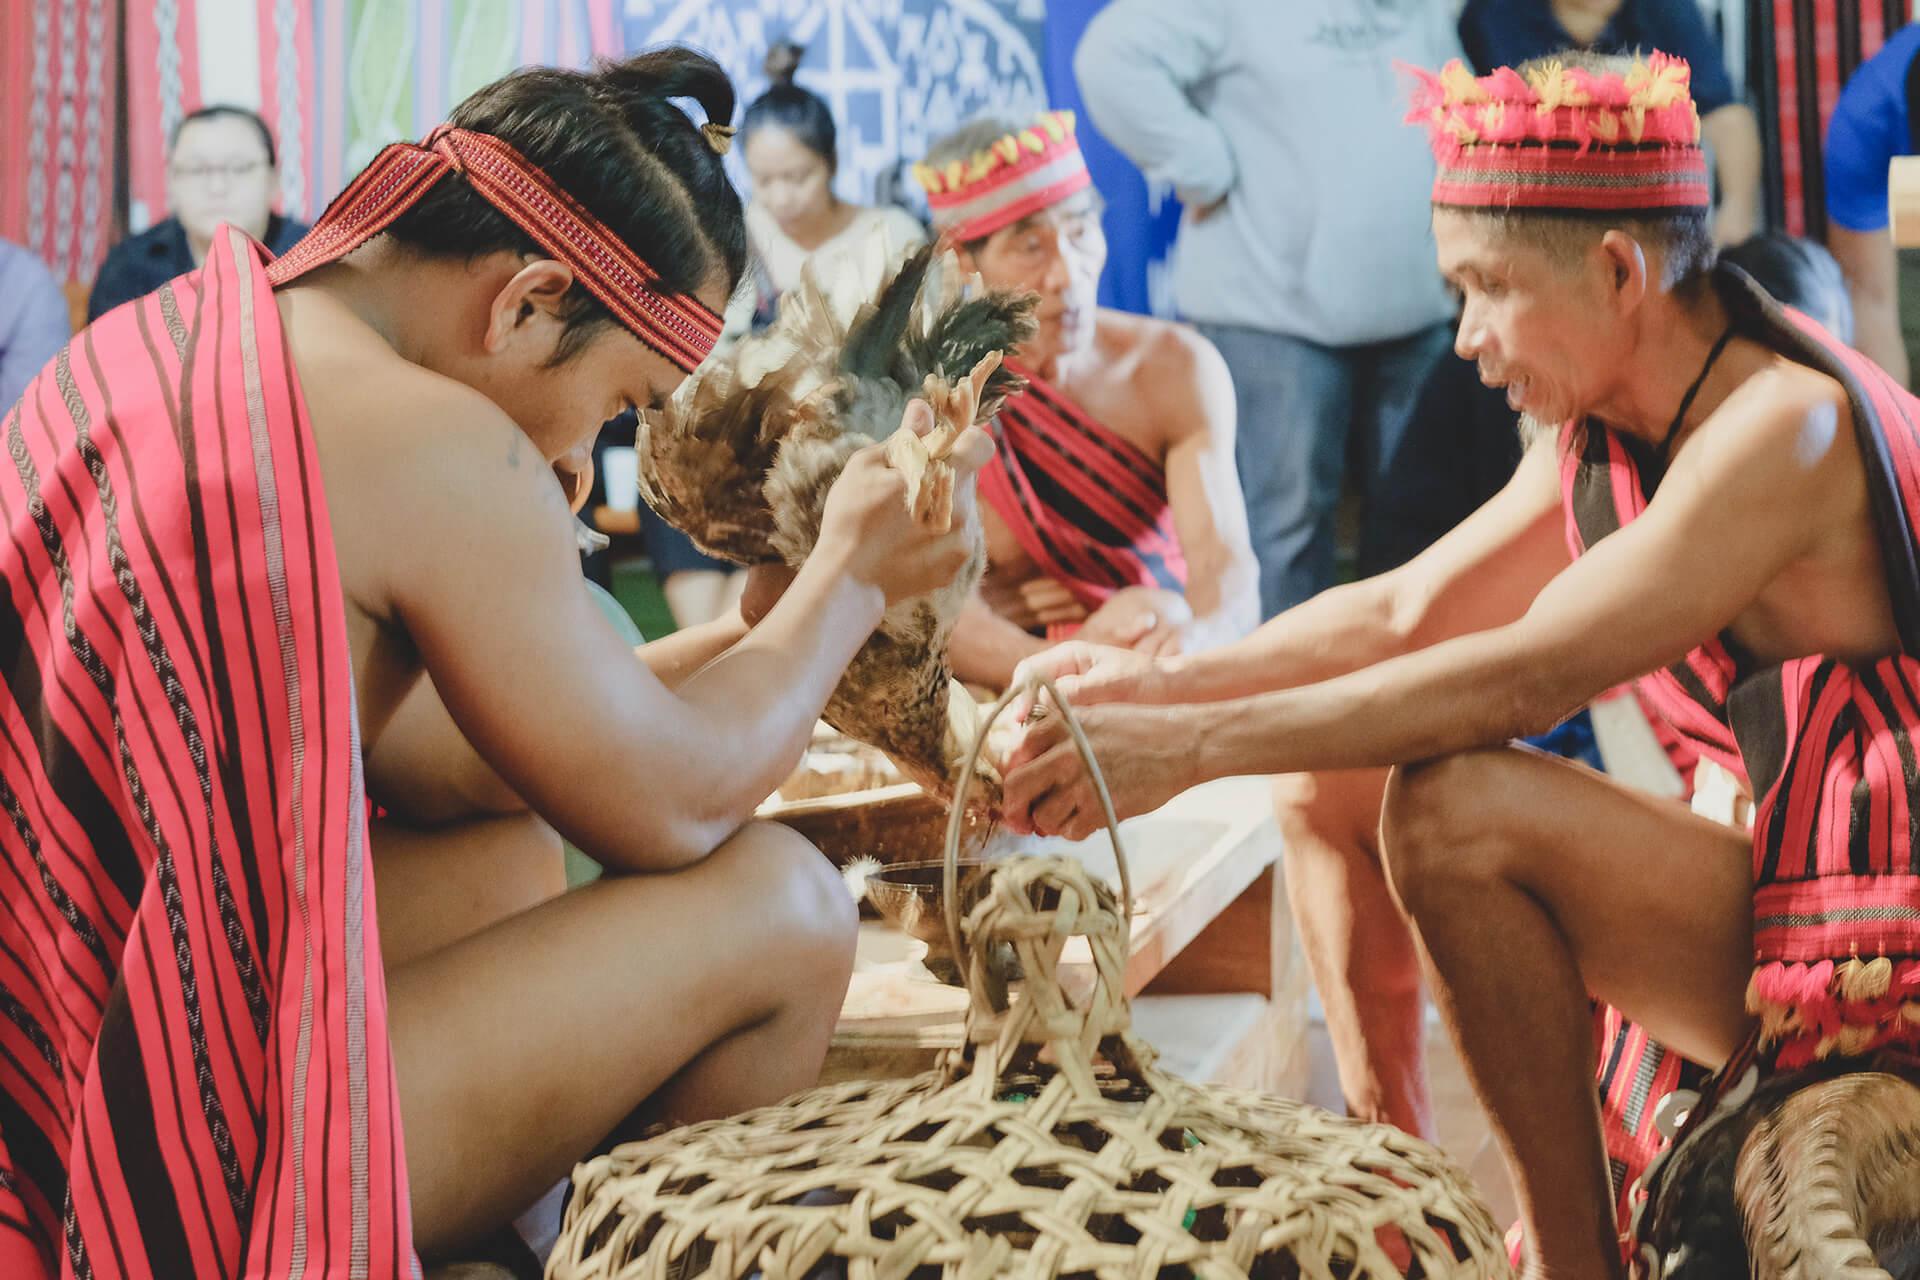 The mumbaki preparing the chicken sacrifice ritual.